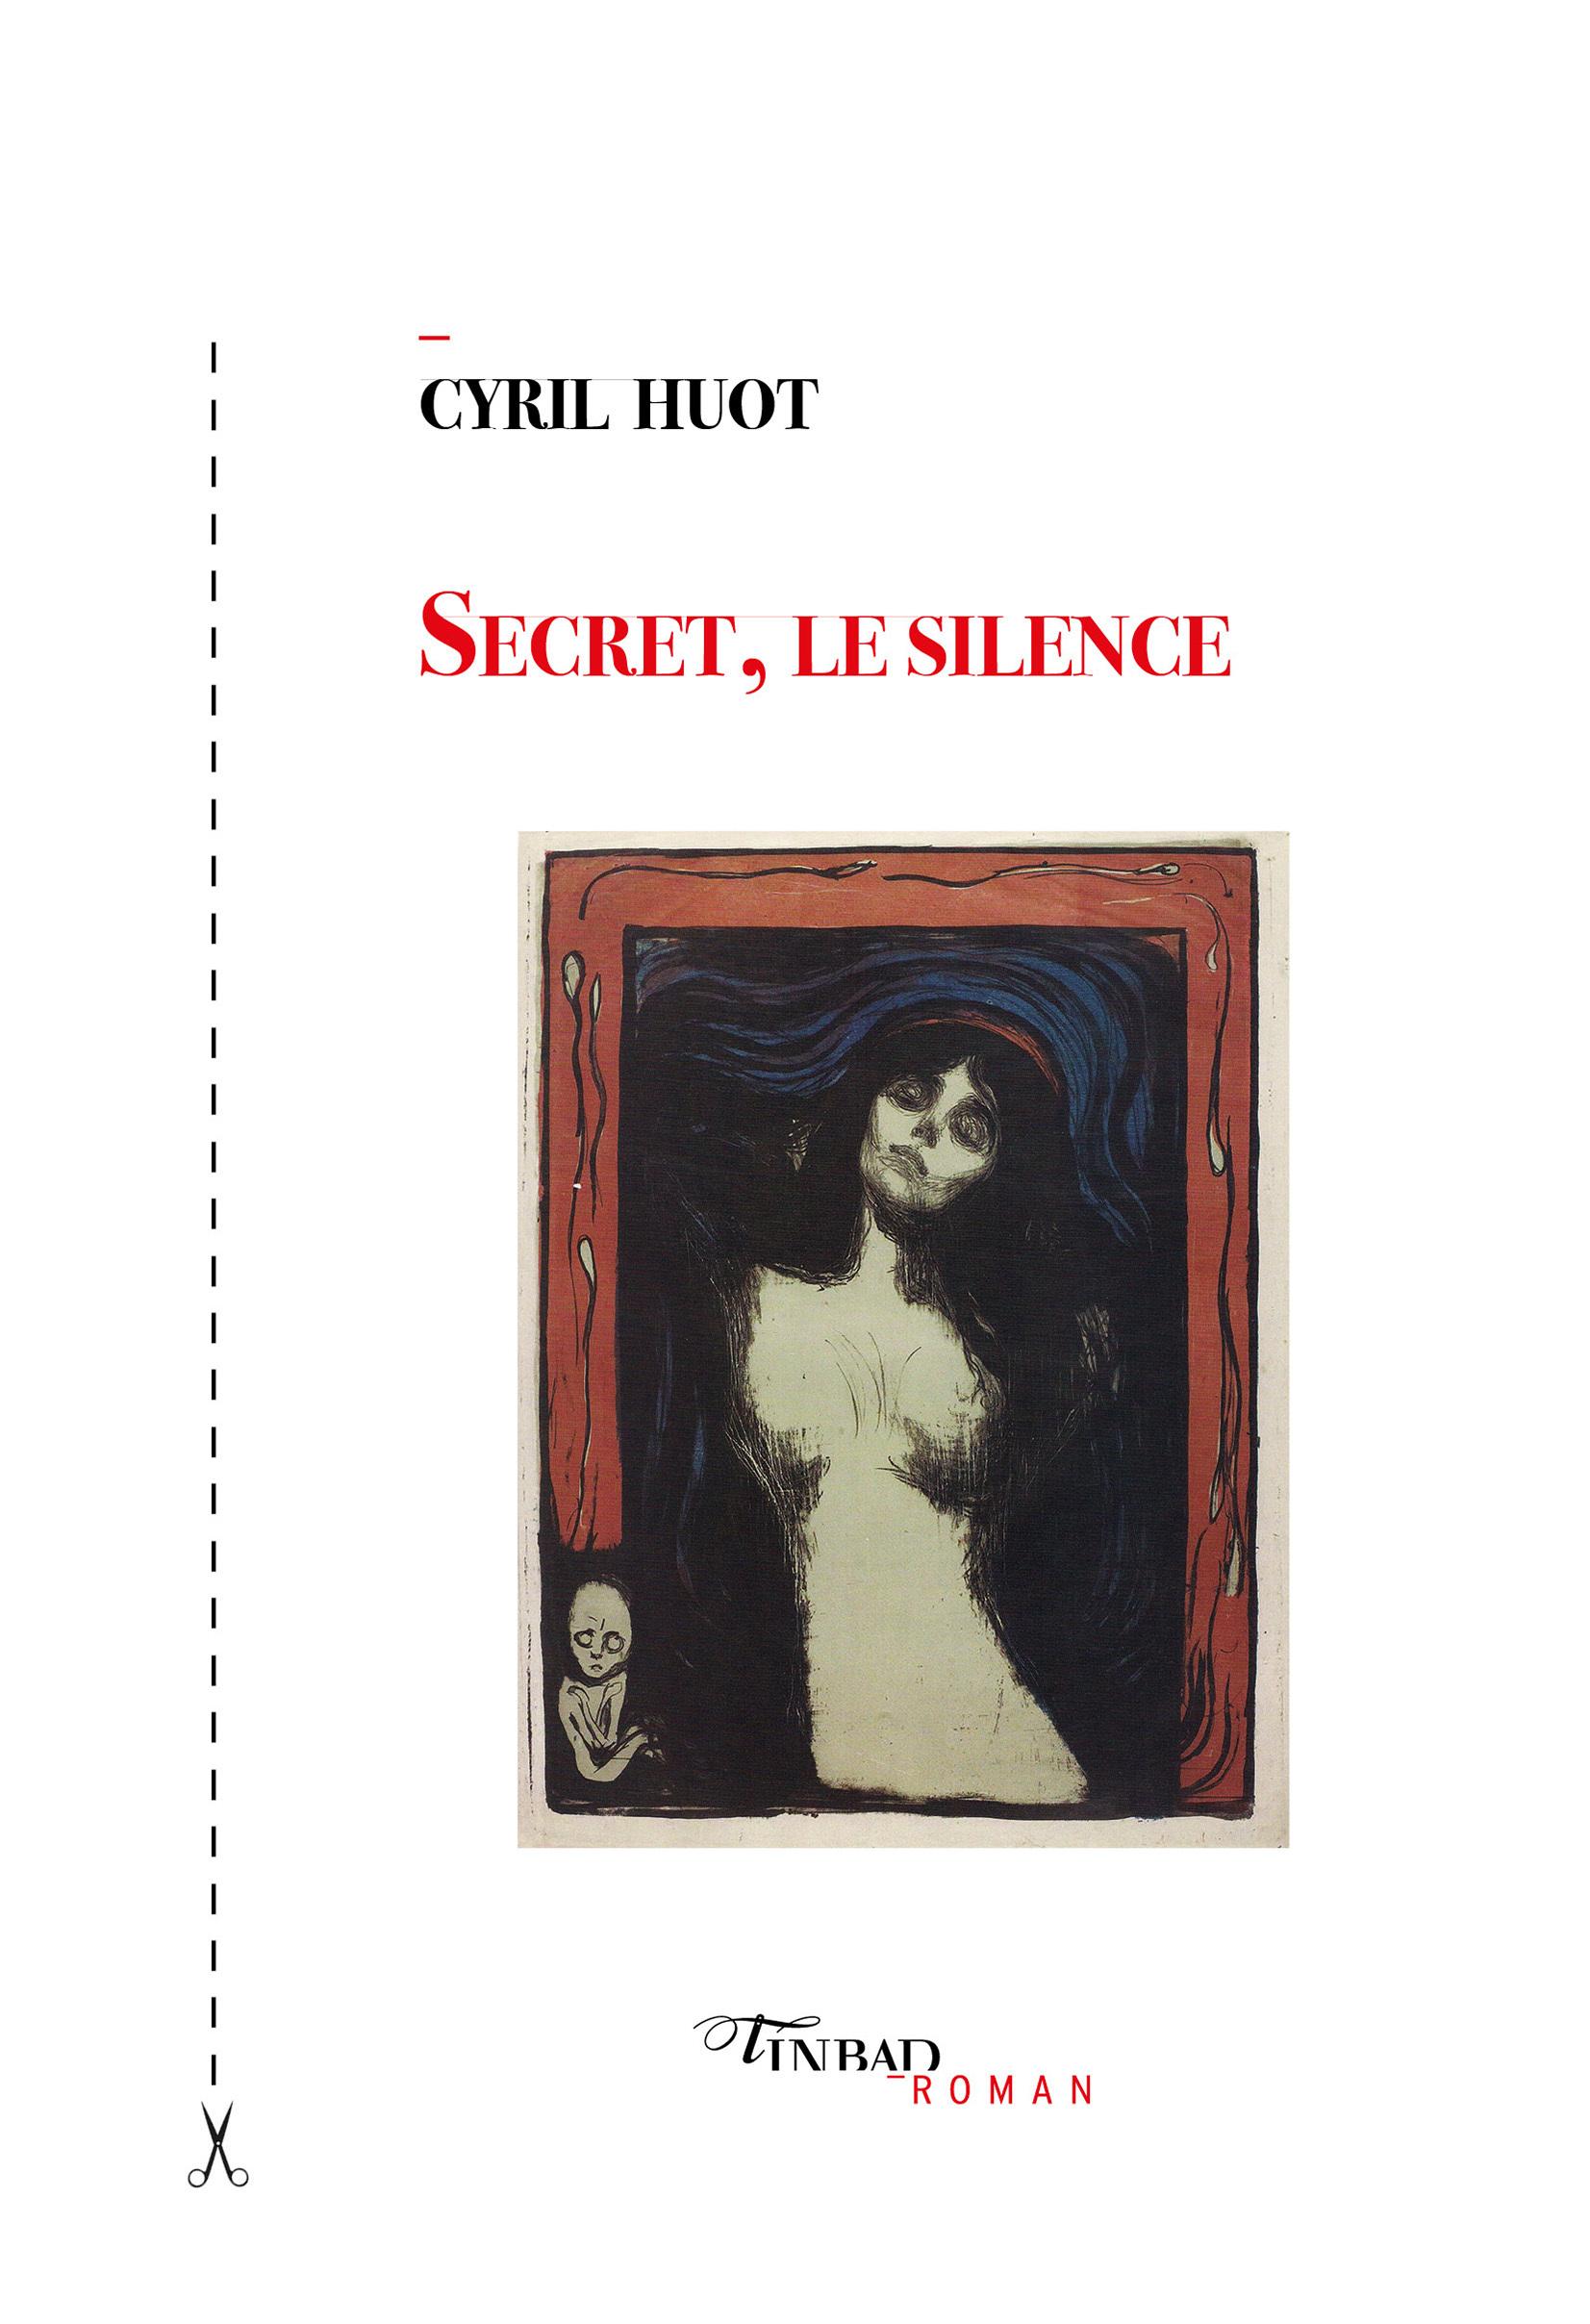 SECRET, LE SILENCE